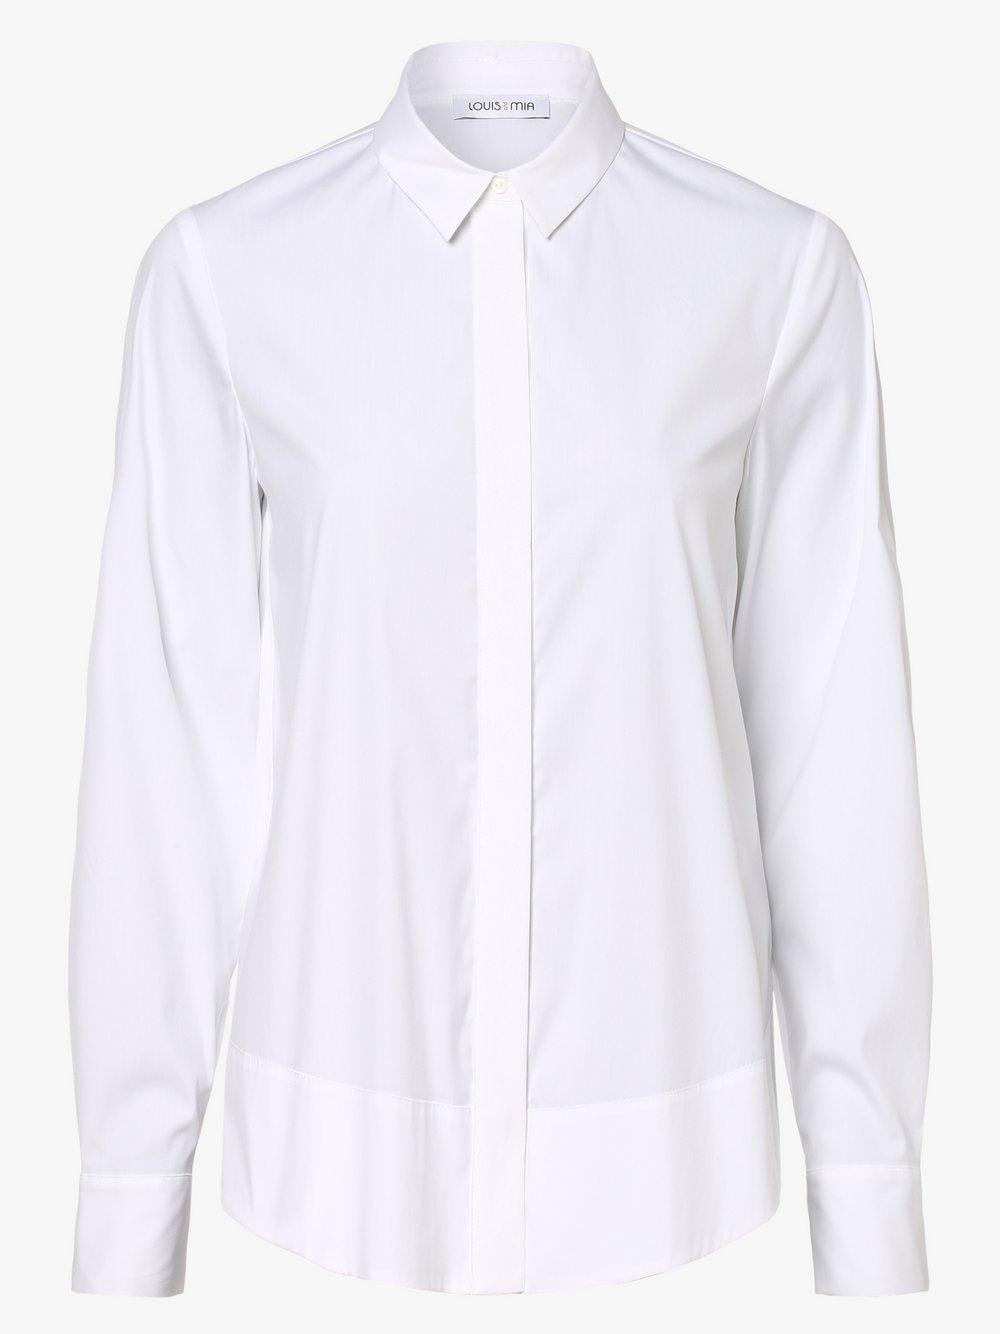 Louis & Mia – Bluzka damska, biały Van Graaf 449032-0001-00380